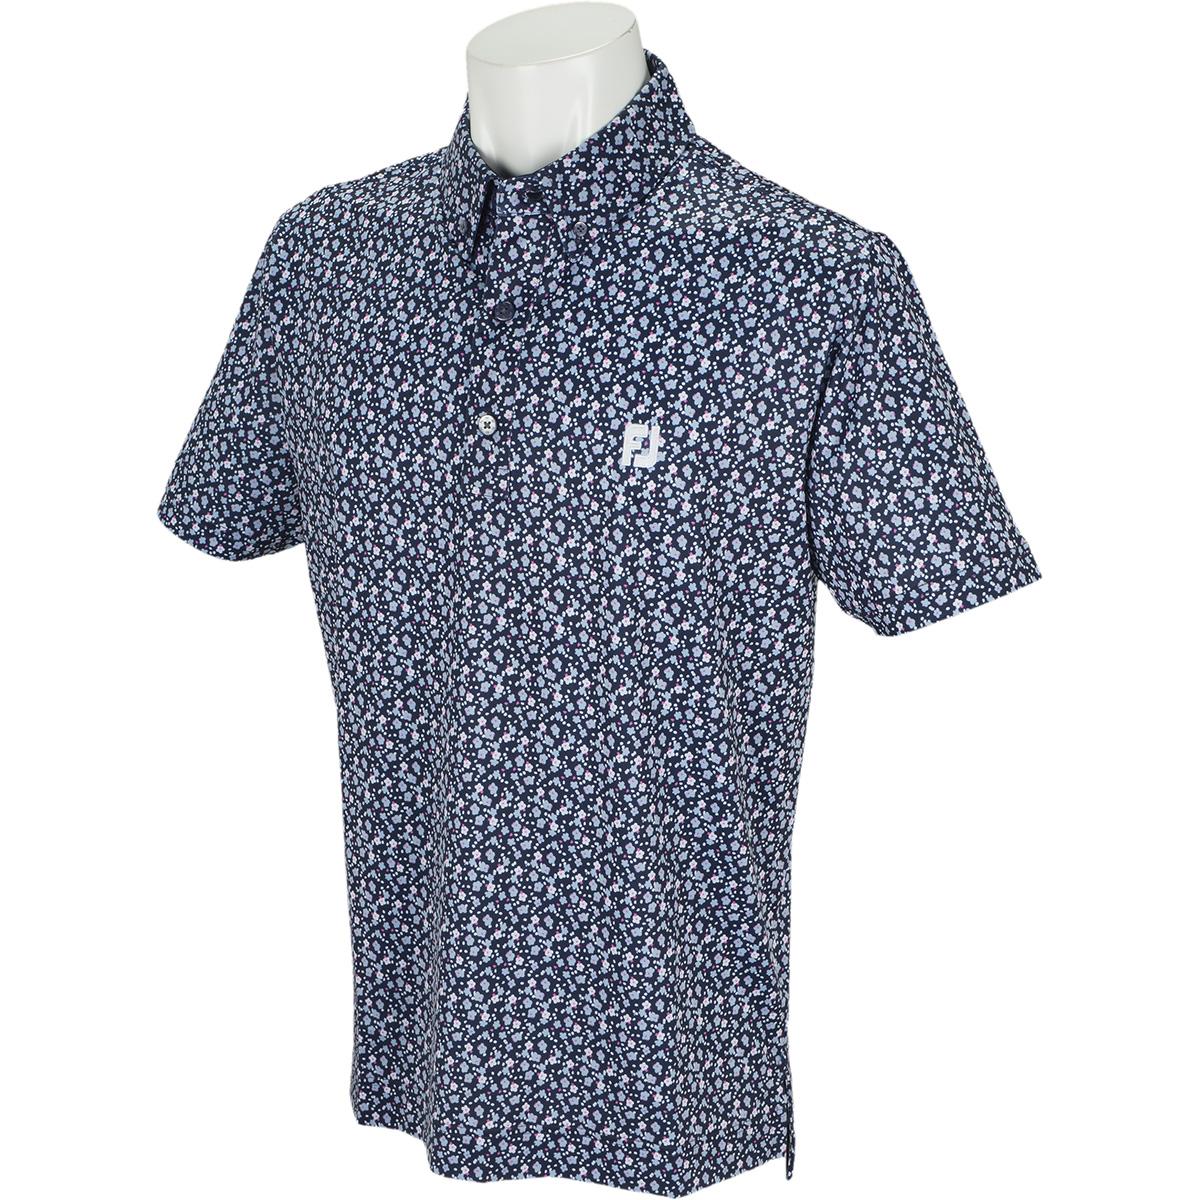 フローラルプリント ライル半袖ポロシャツ